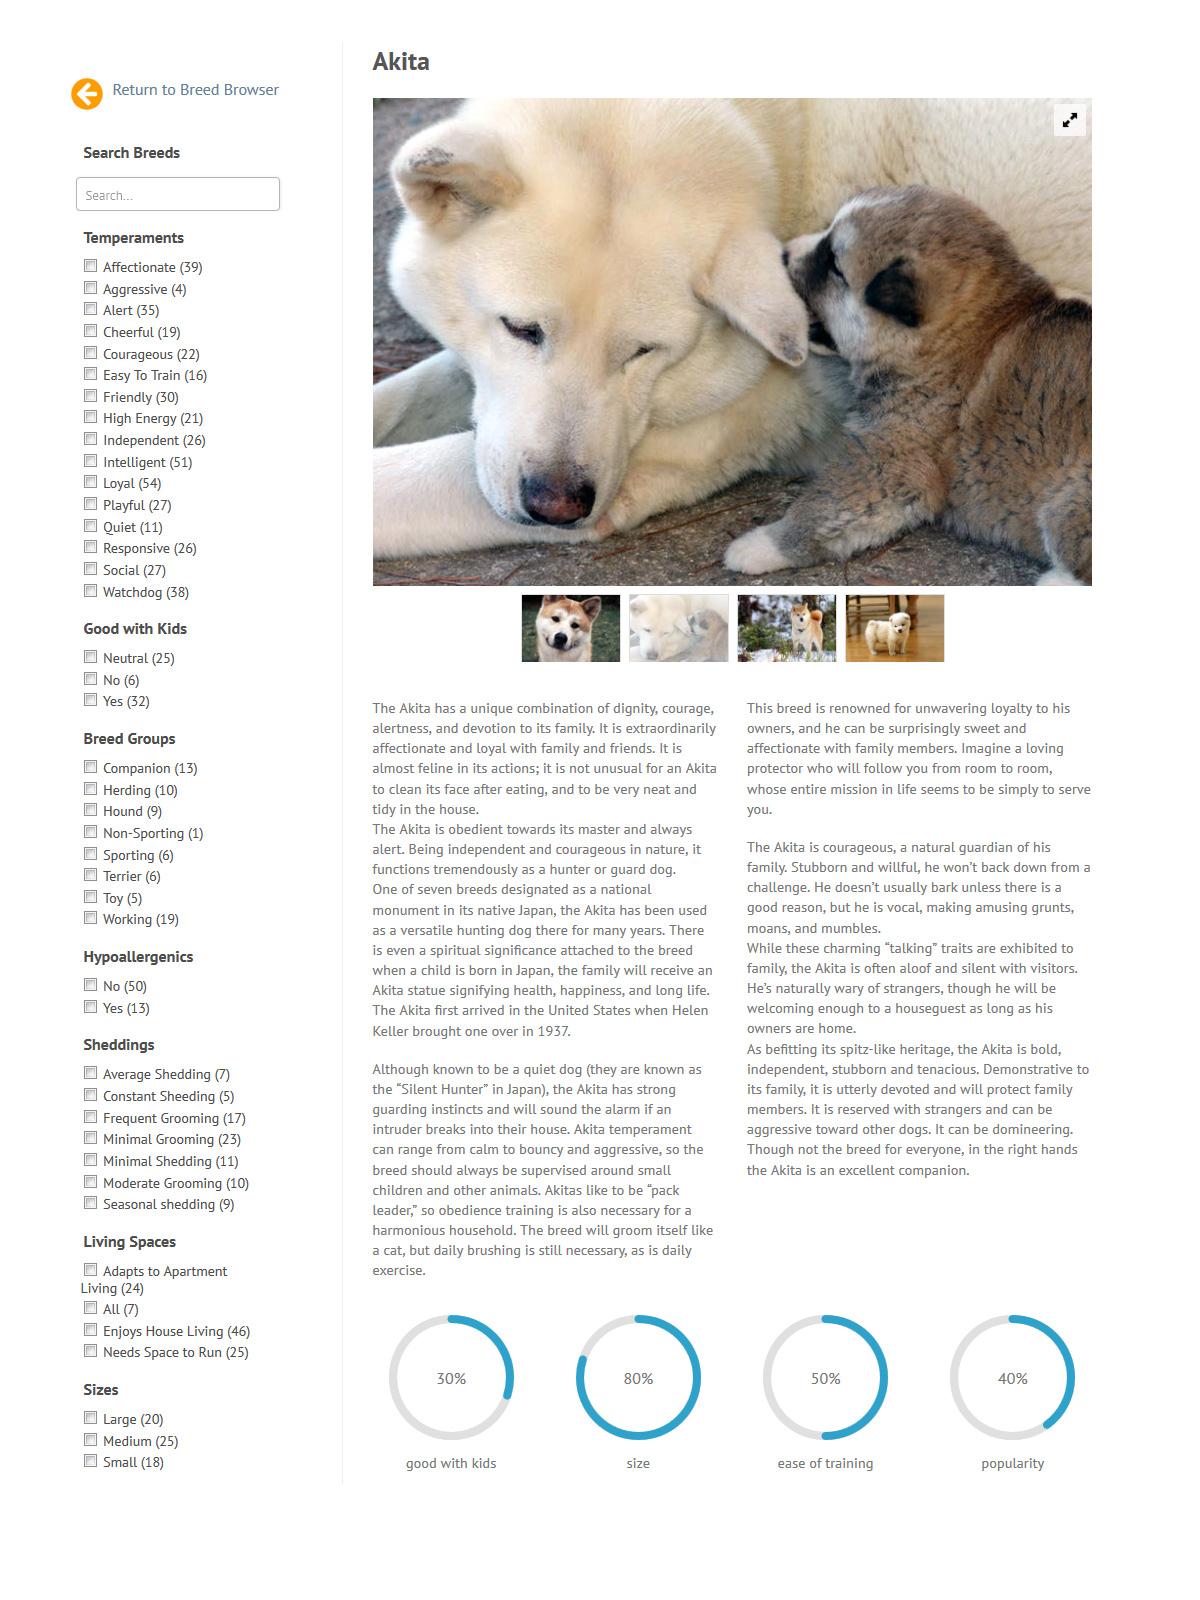 puppies_plus_dogs_akita